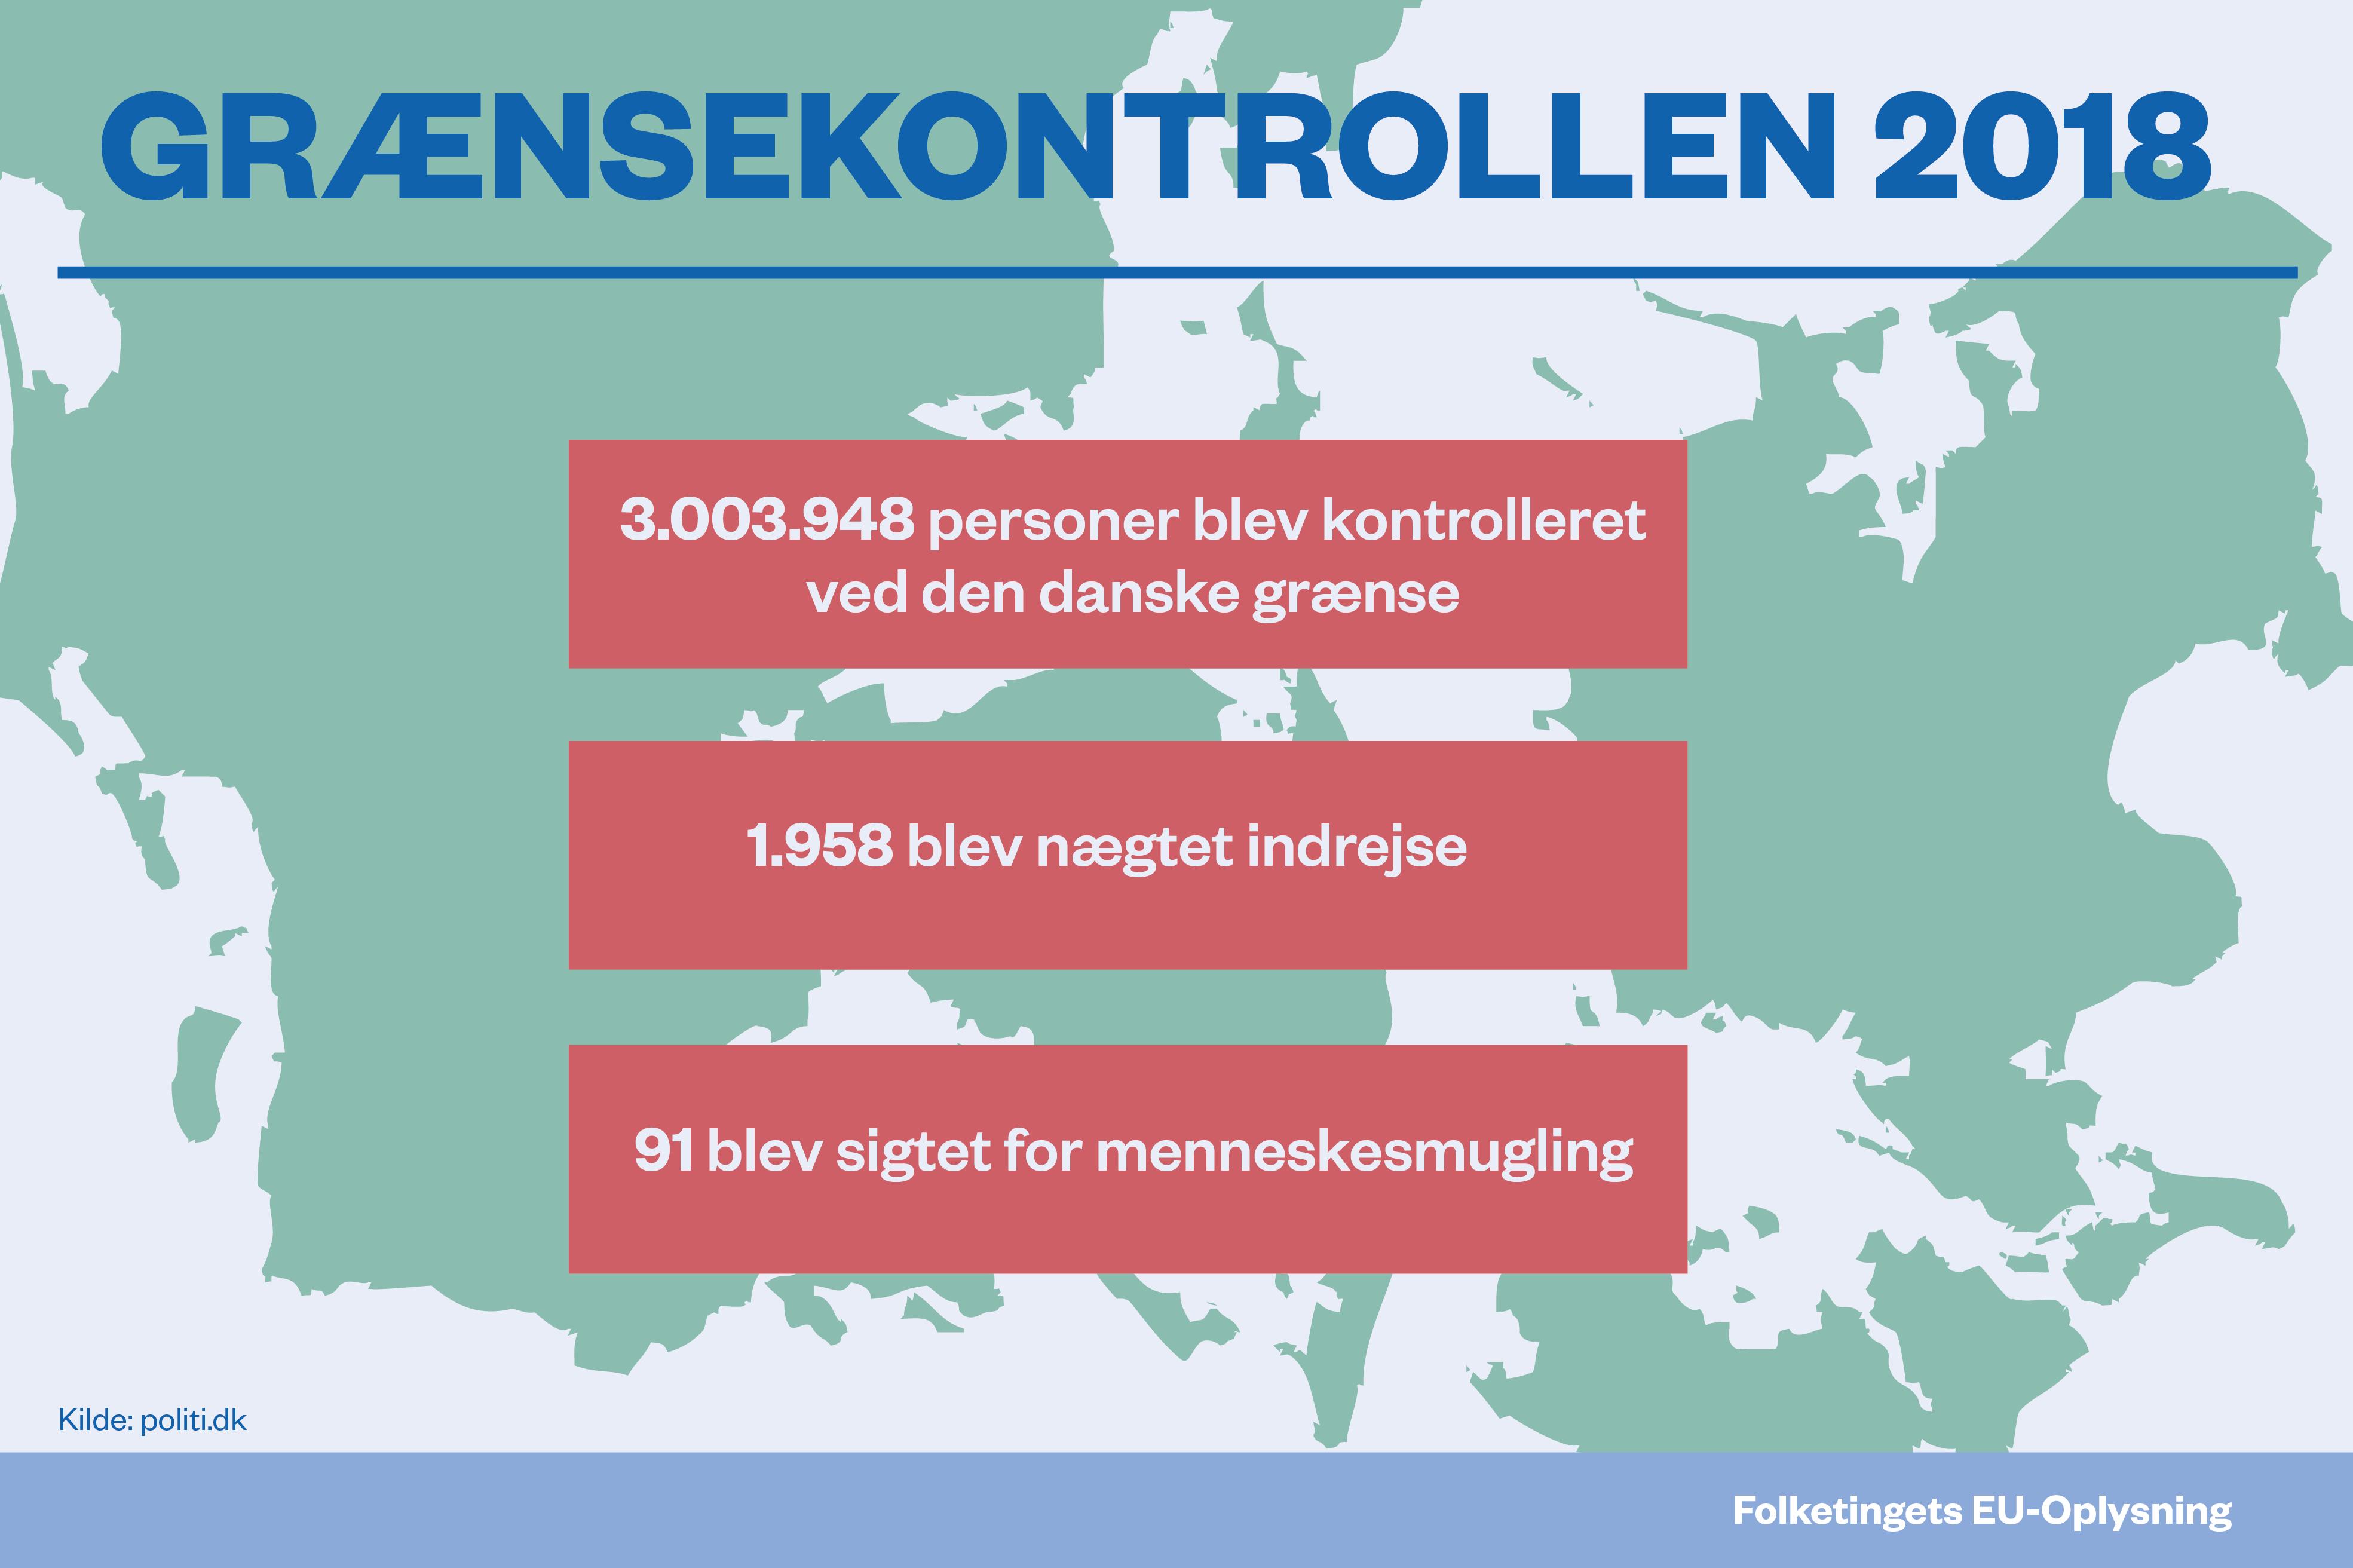 Schengen Samarbejdet Og Graensekontrol Folketingets Eu Oplysning